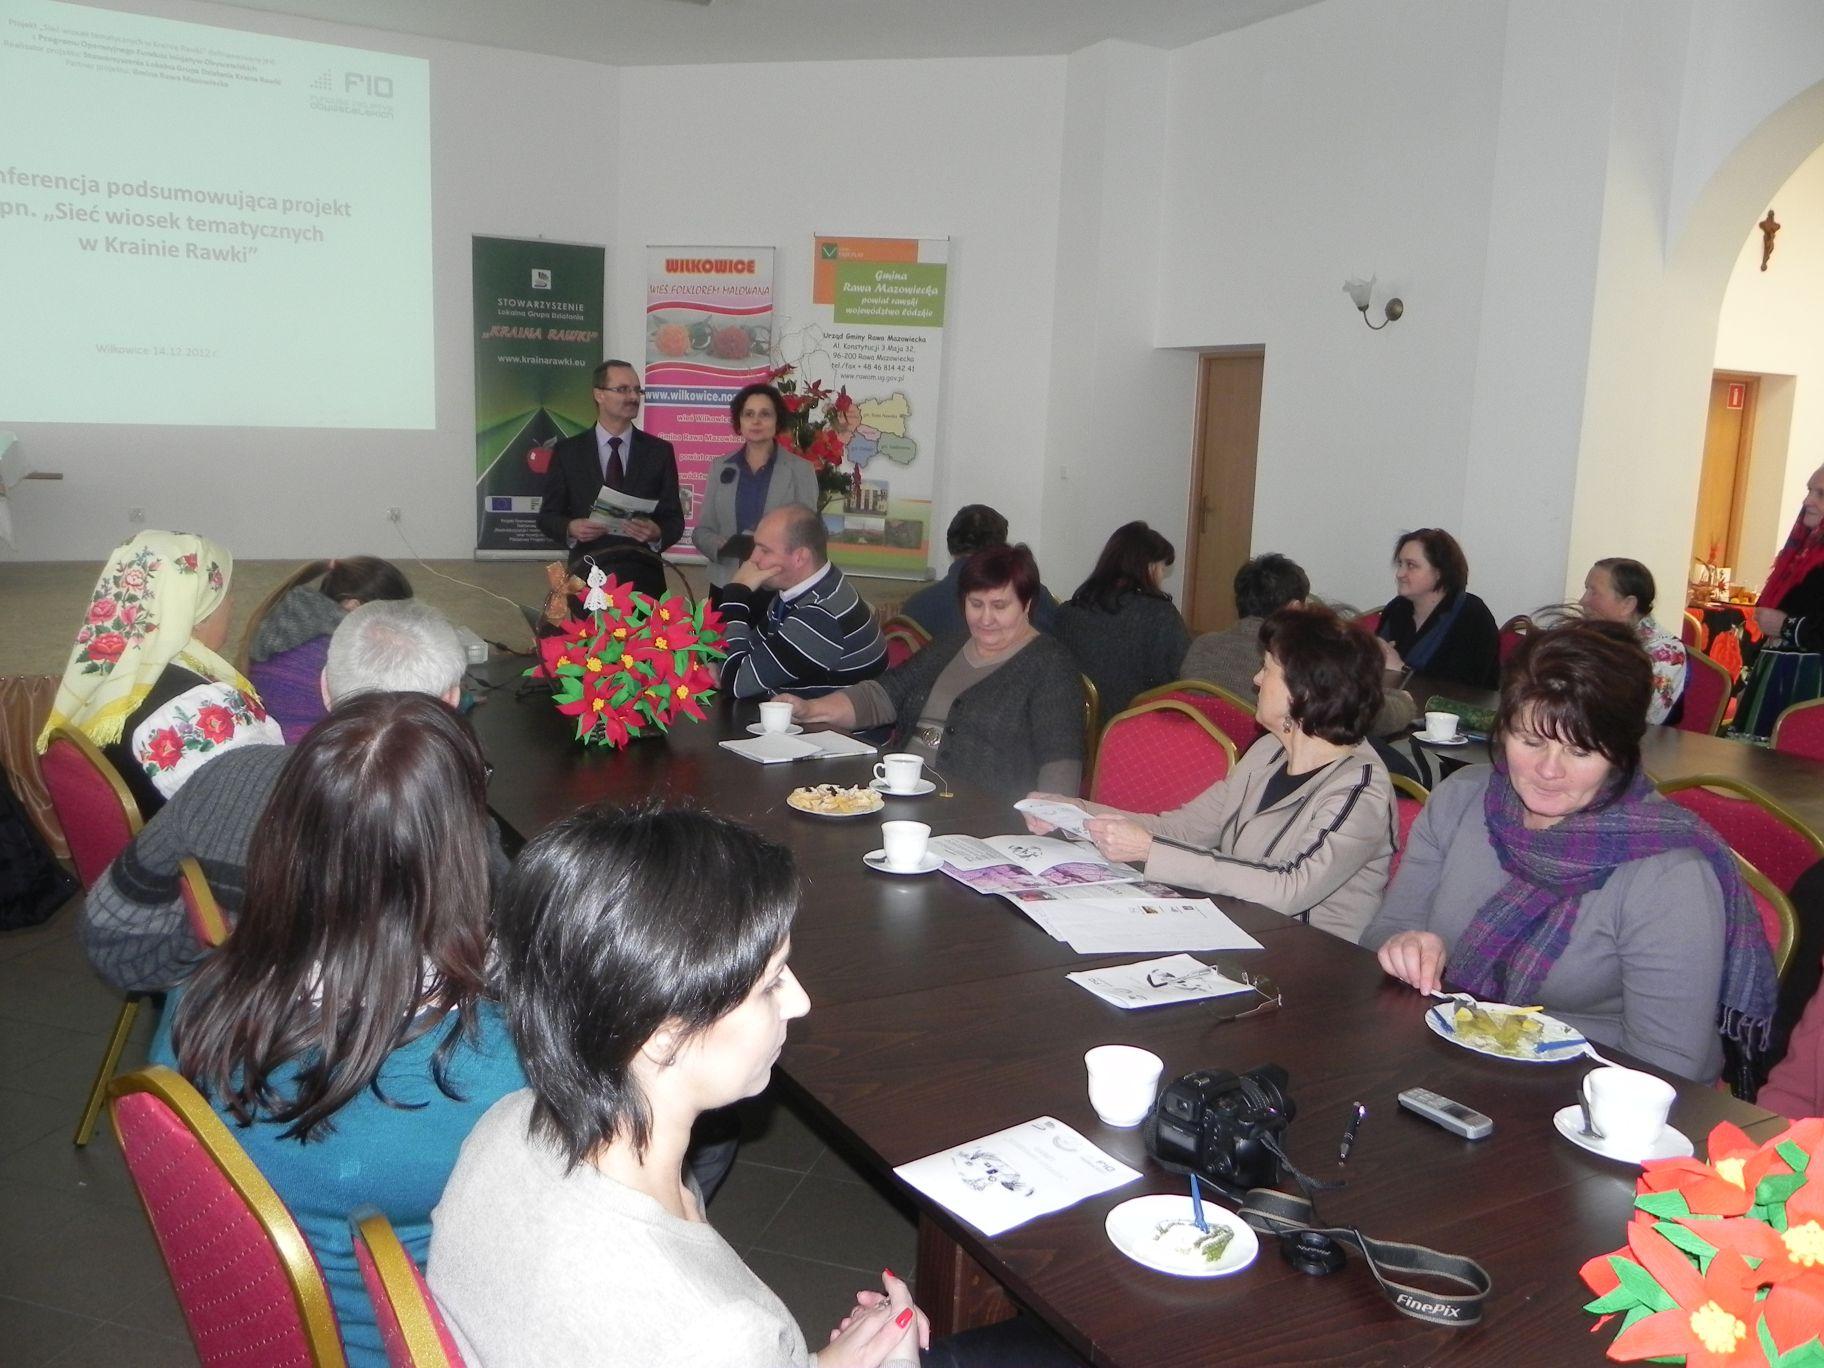 2012-12-14 Wilkowice - Konferencja Wioski tematyczne (80)